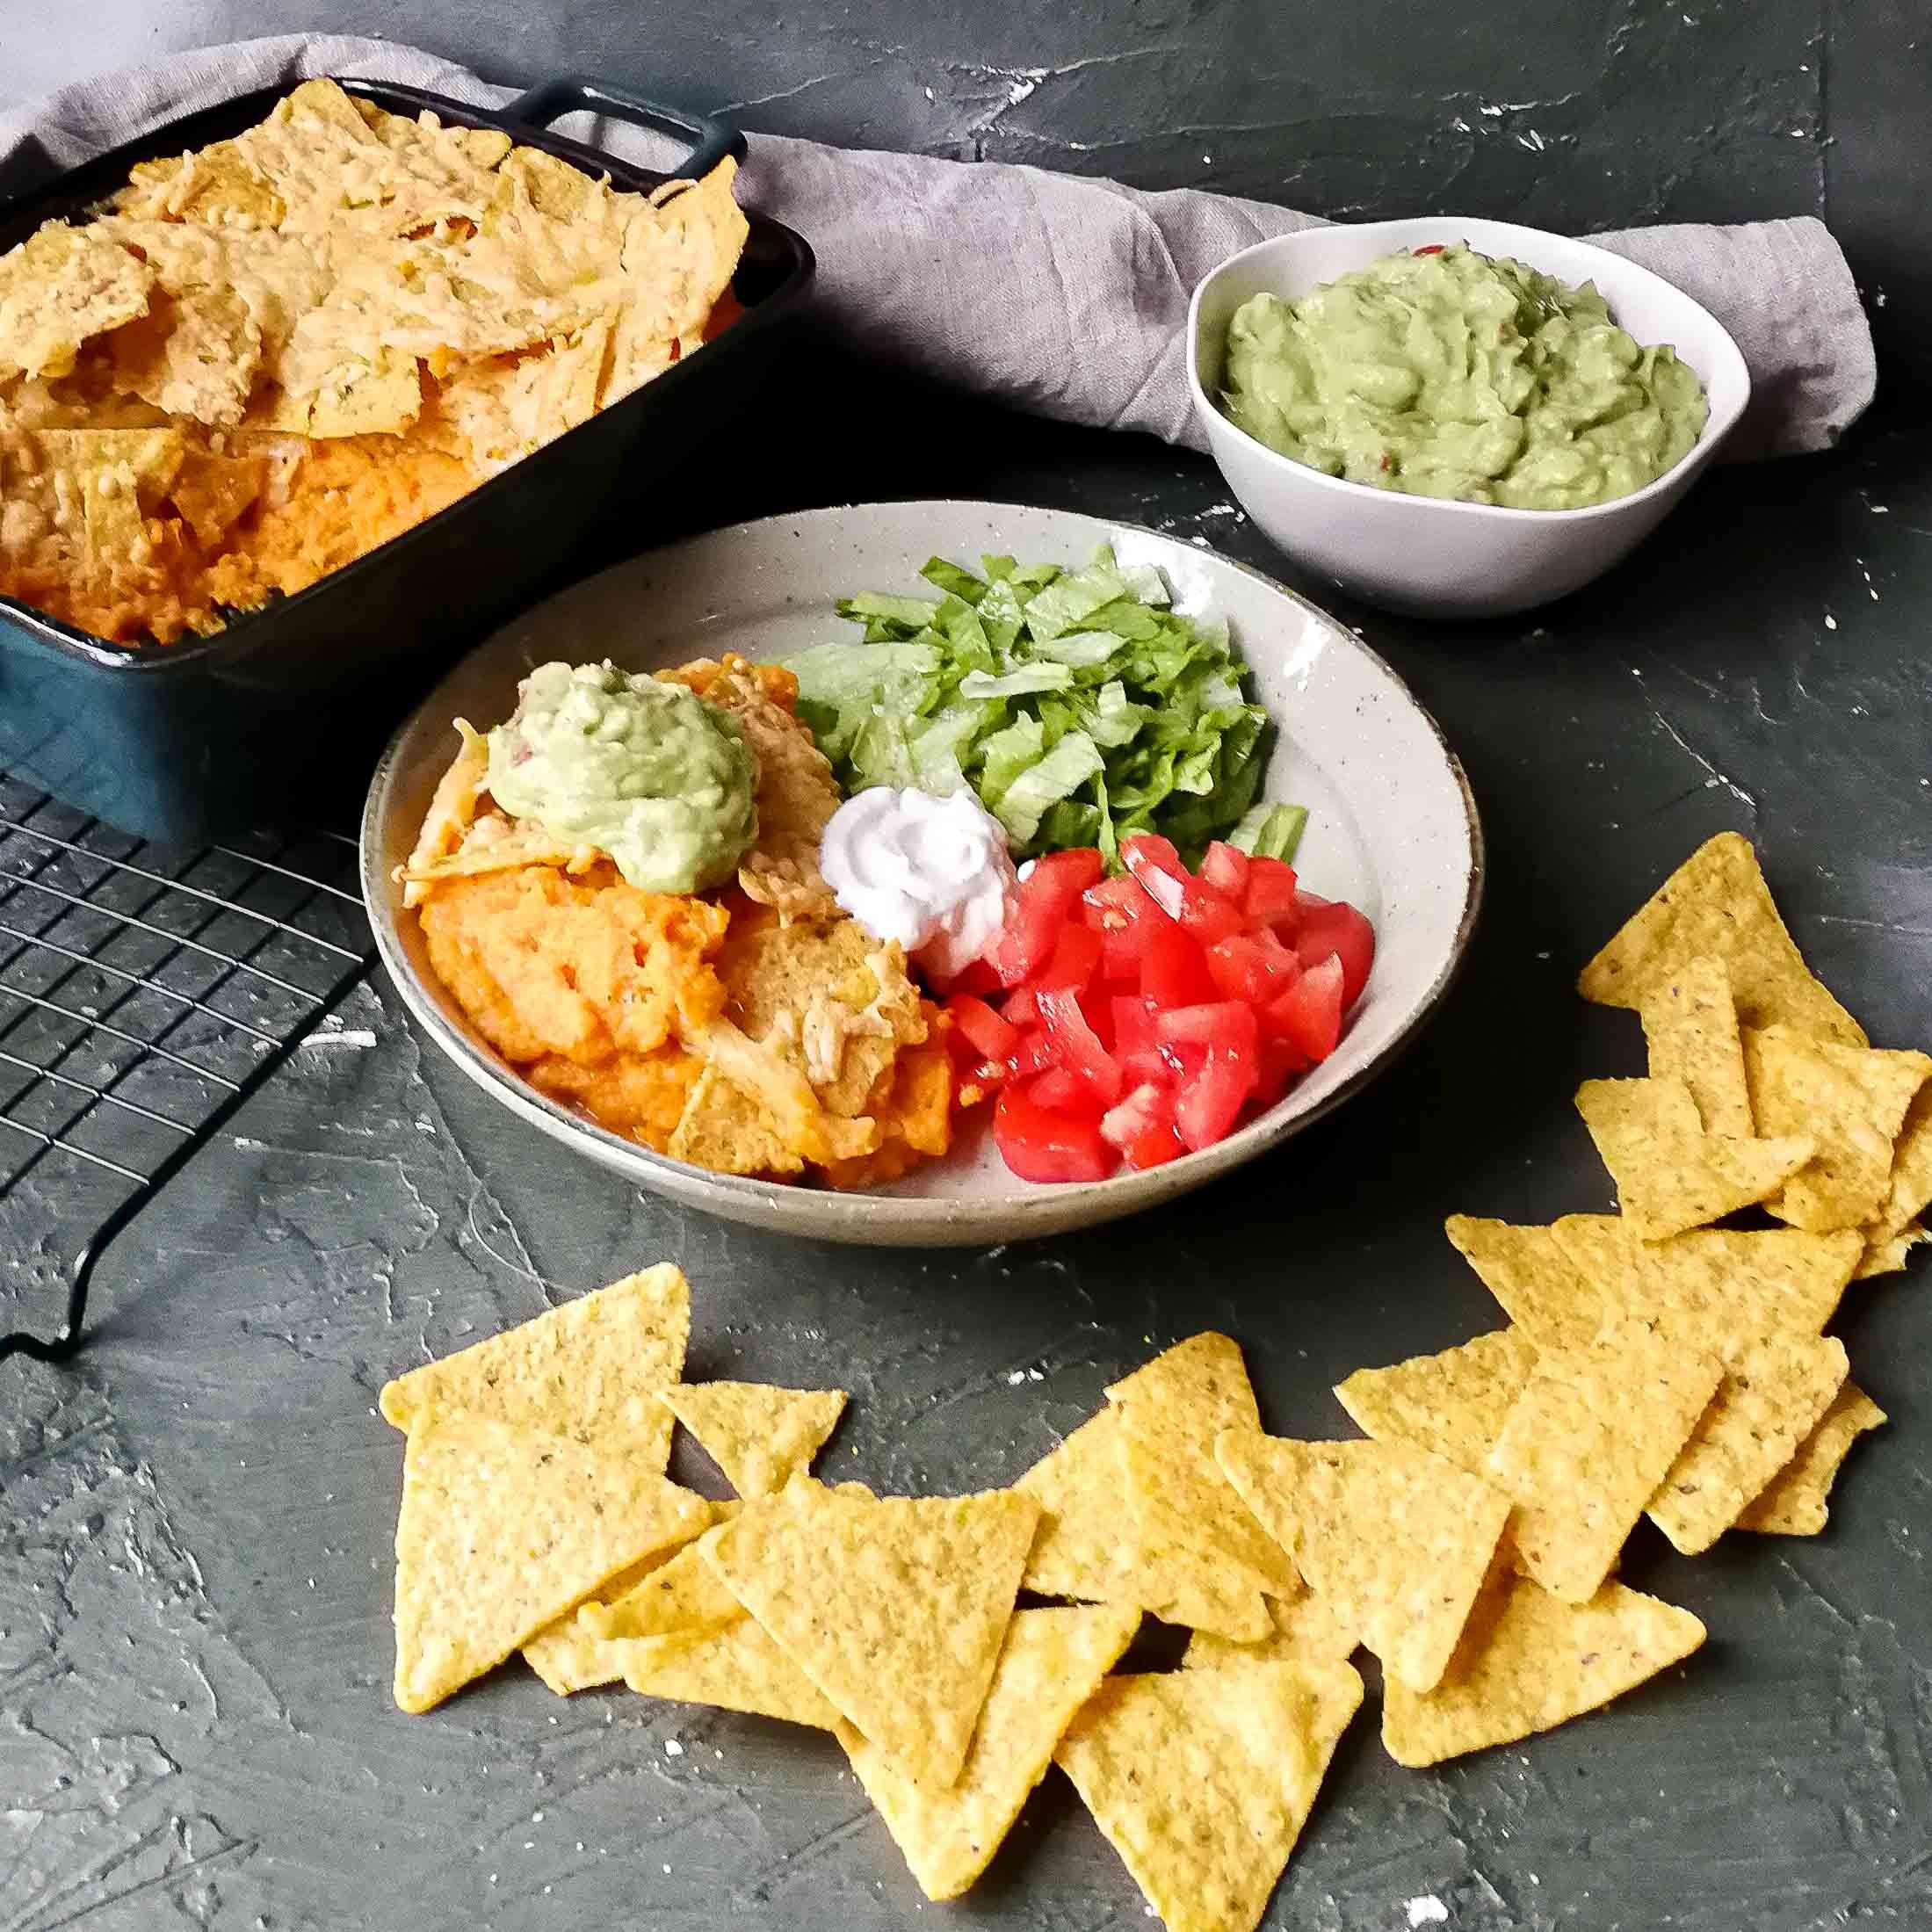 Zoeteaardappelschotel met nacho's, kaas en guacamole